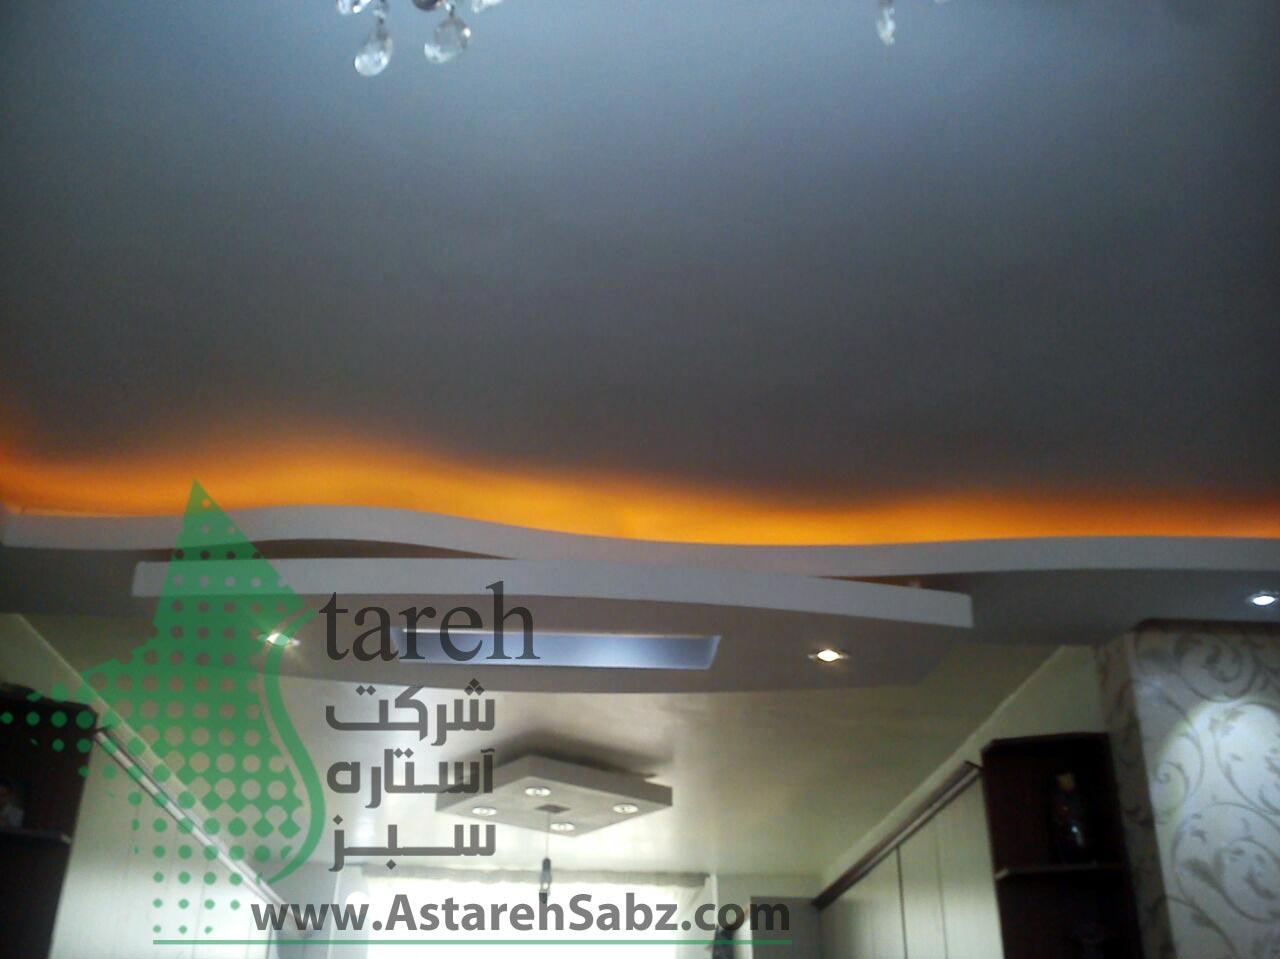 Astareh Sabz (144)